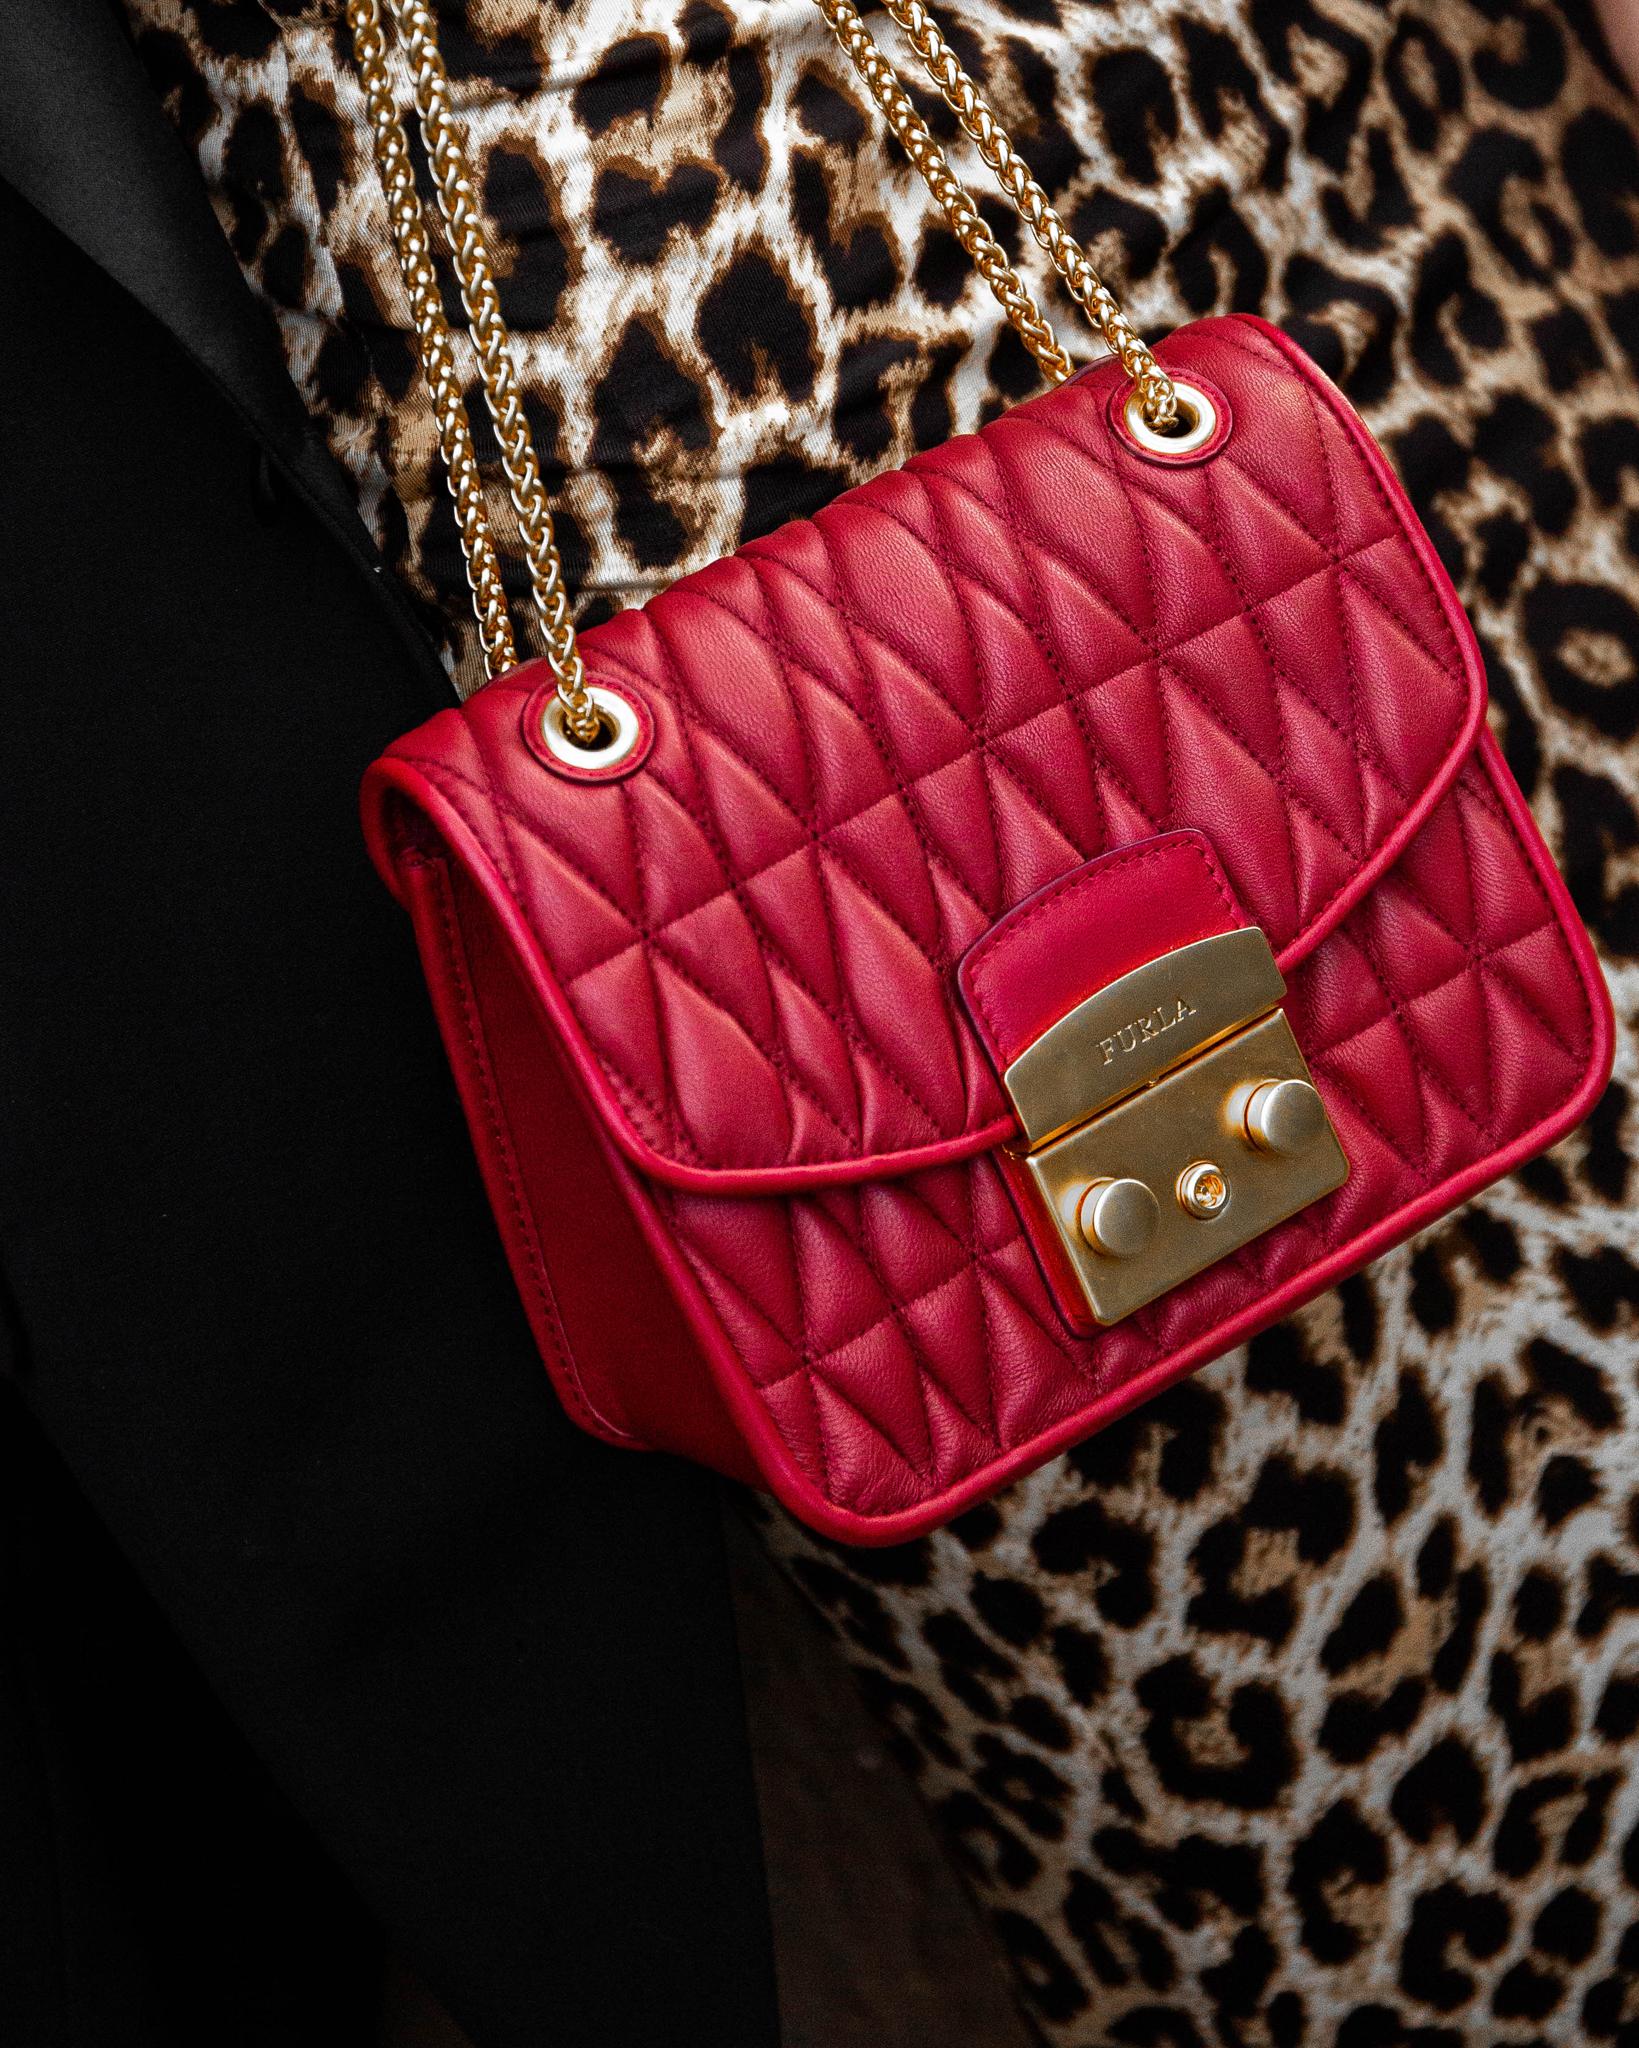 Red Furla Bag